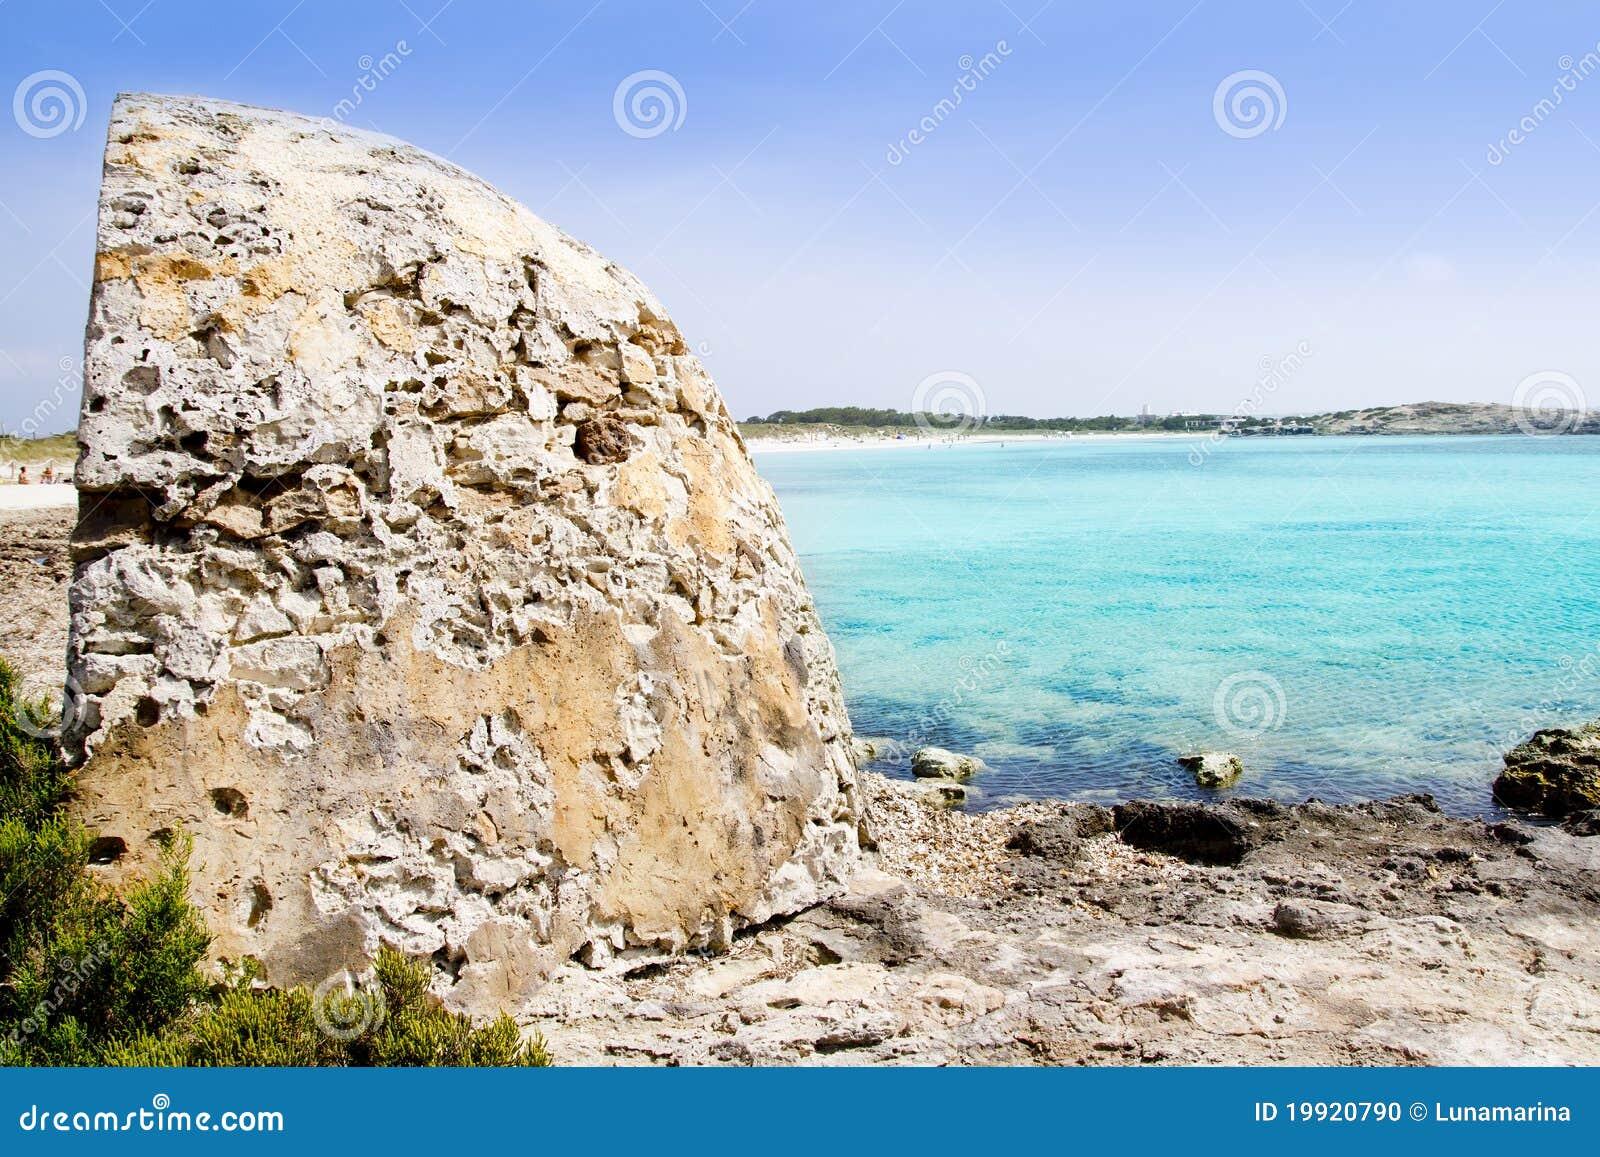 Formentera Illetes Illetas Beach Turquoise Sea Stock Photo - Image: 19920790